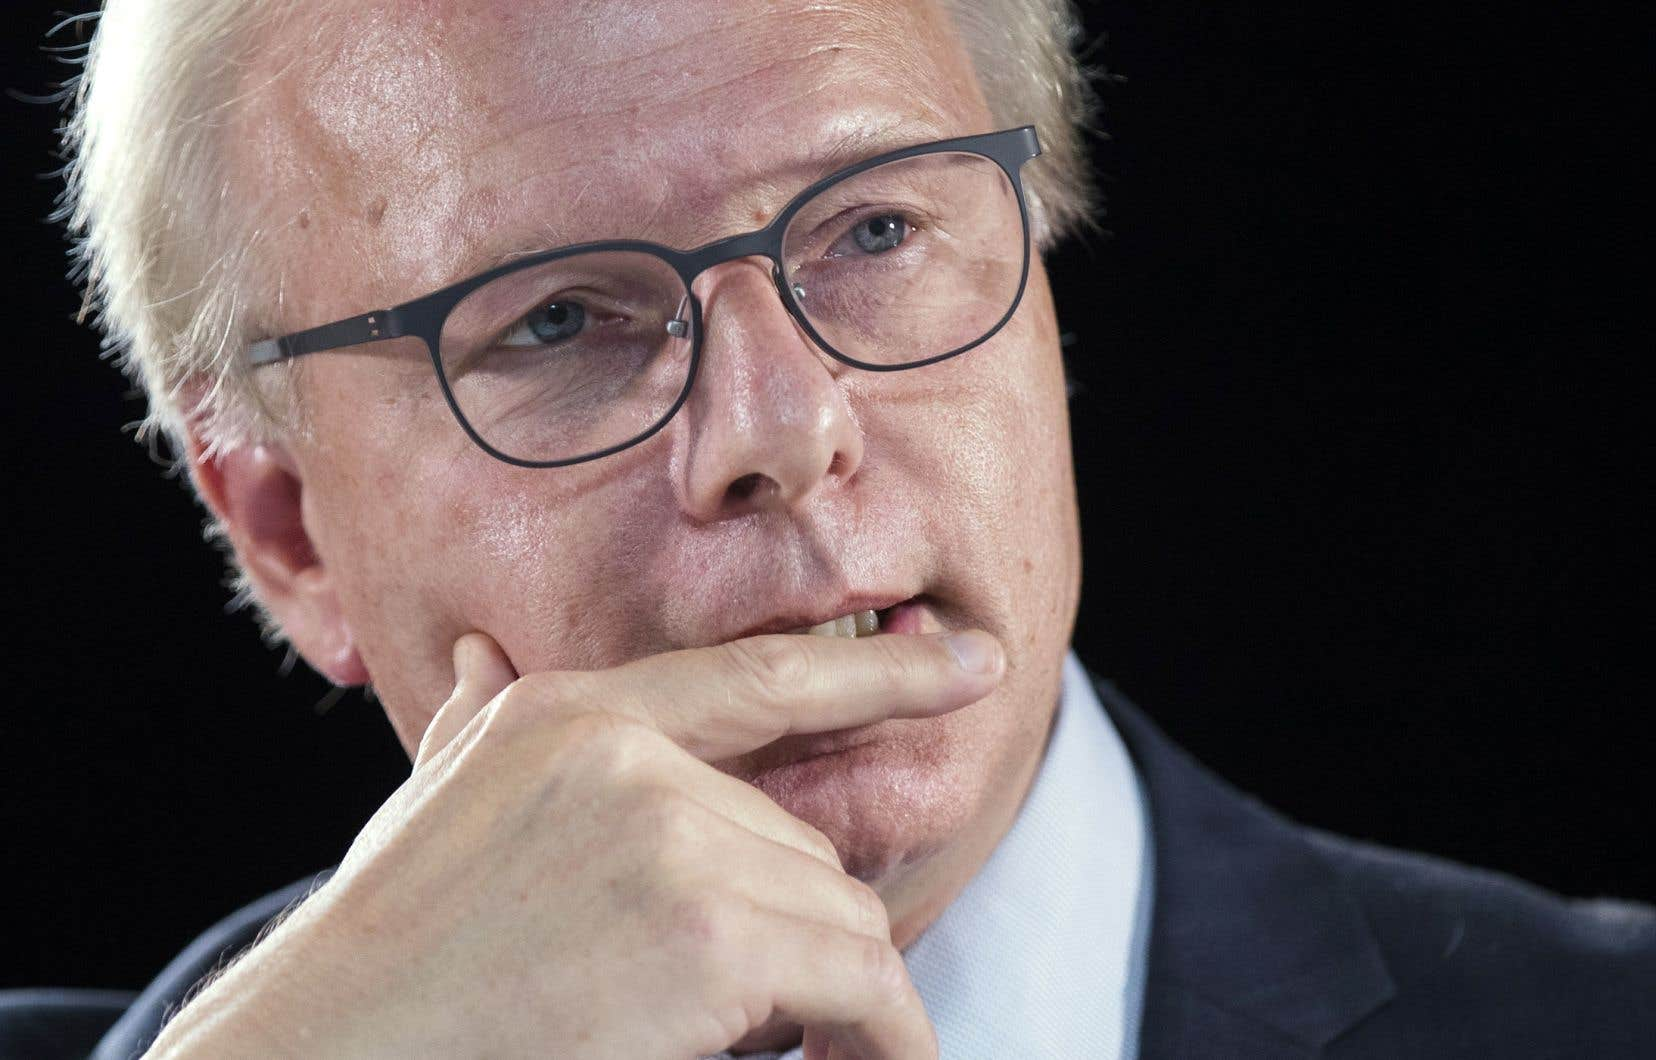 <p>Le chef du Parti québécois, Jean-François Lisée, accuse Québec solidaire de vouloir soustraire des circonscriptions au parti — le sien — qui a donné au Québec son gouvernement le plus progressiste.</p>